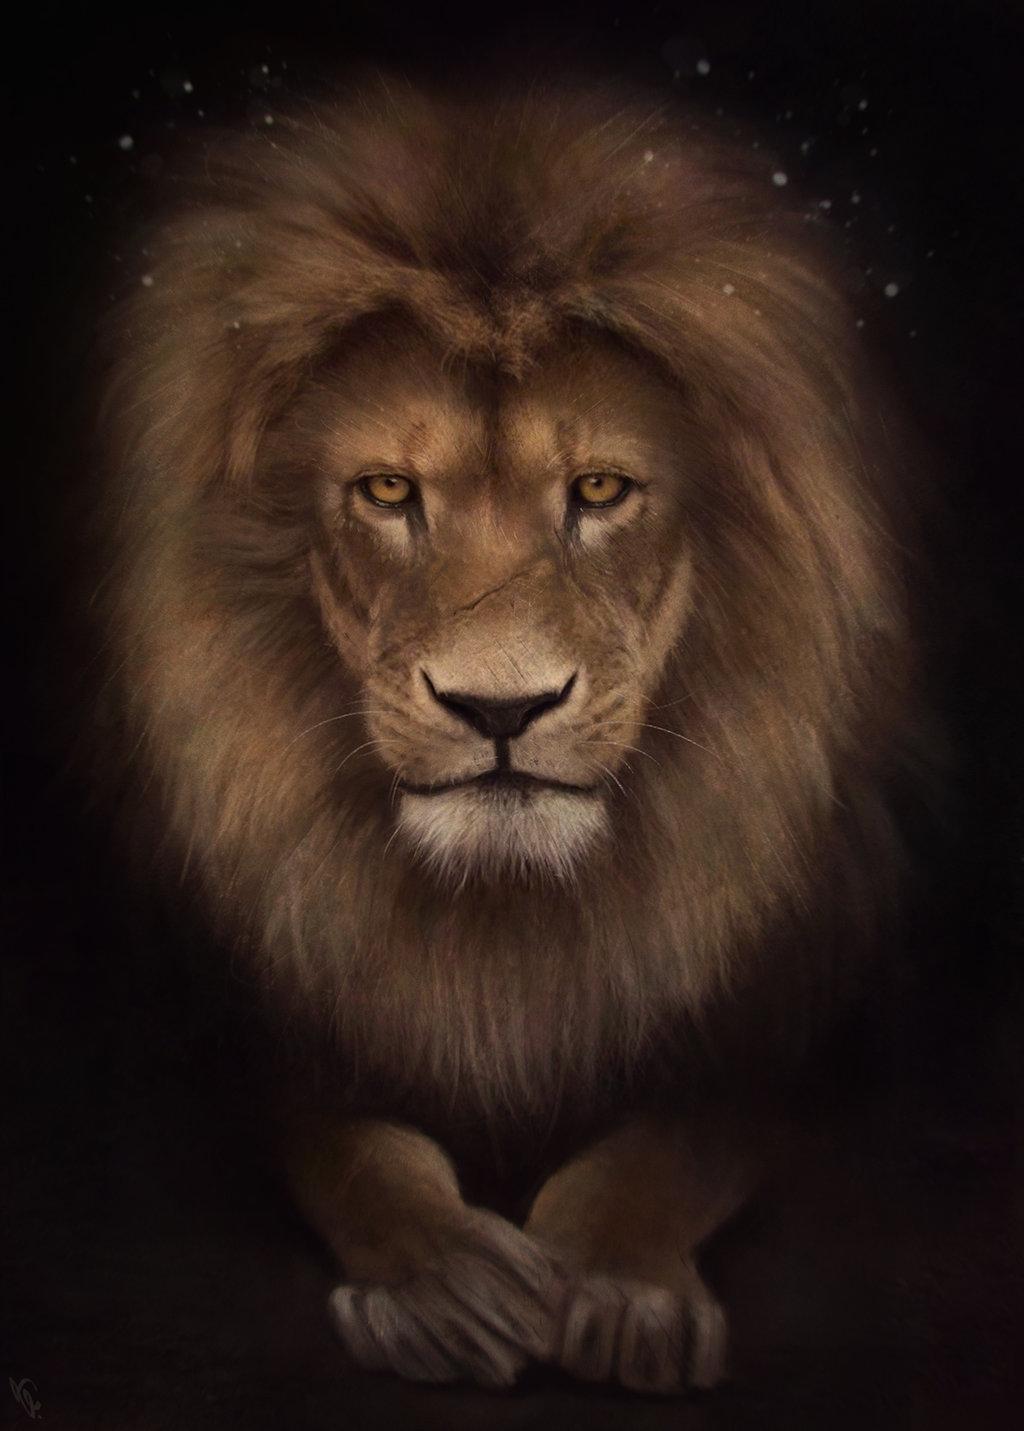 Анимация льва картинки, открыткам фильм 2018